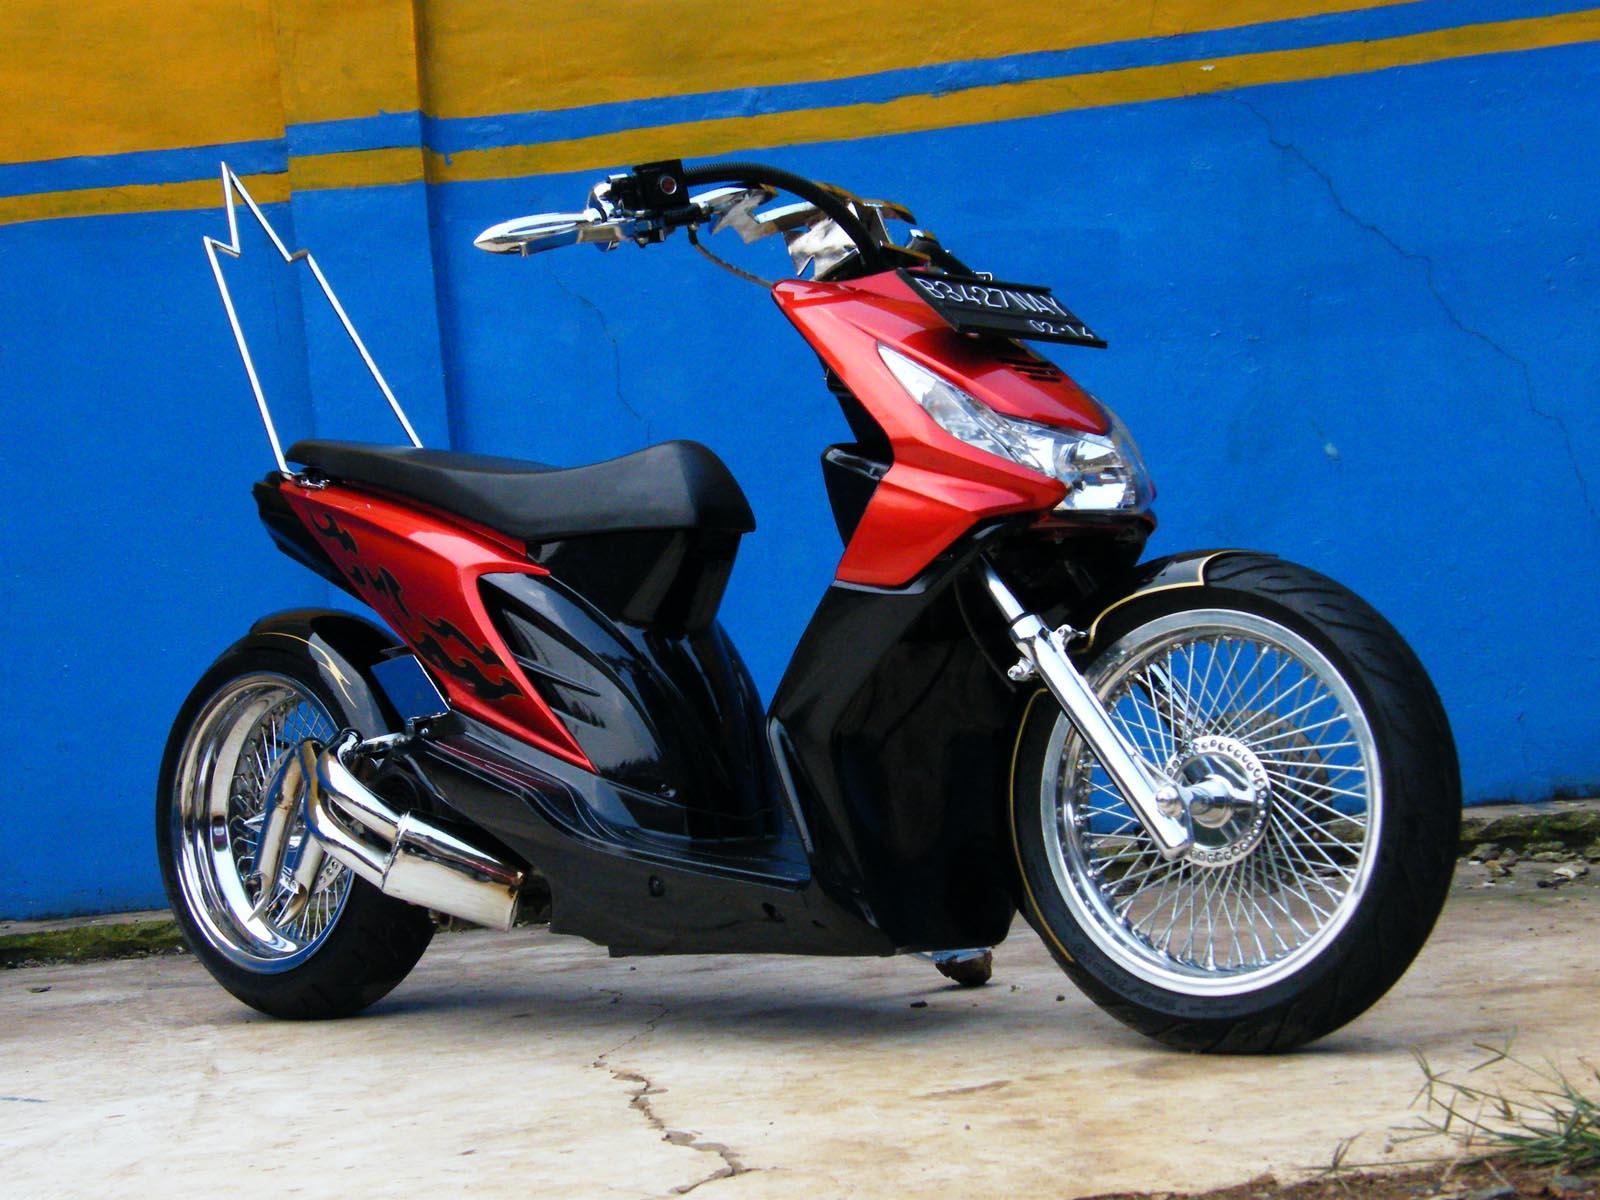 108 Modifikasi Motor Honda Beat Warna Hijau Putih Modifikasi Motor